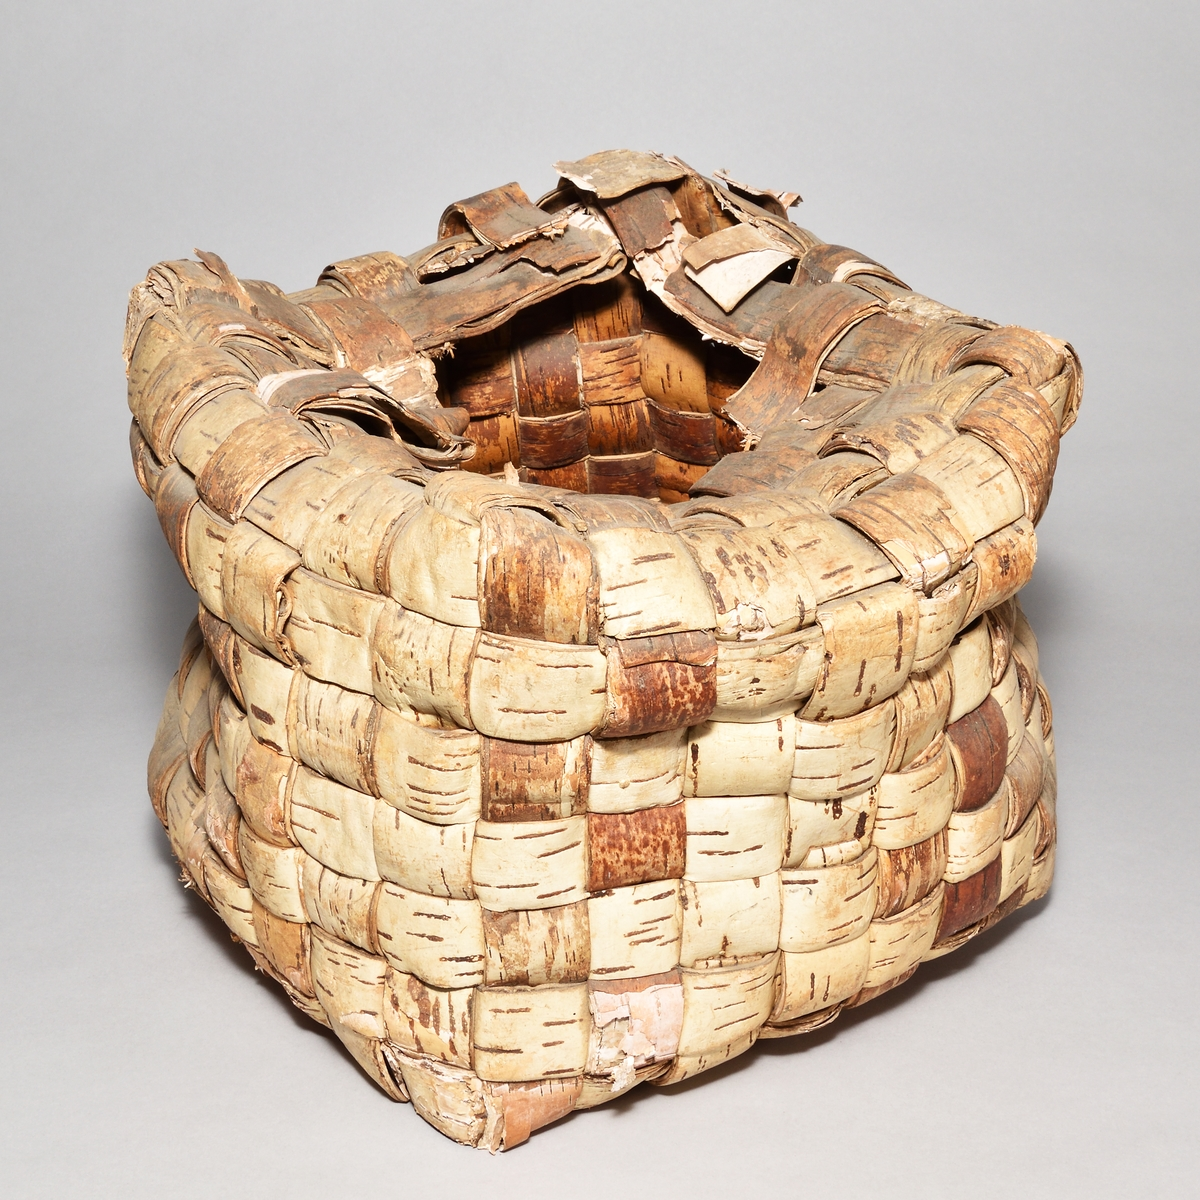 Korg, även kallad kass, kasse, burk, skruck, av flätad näver. Fyrkantig form med hål på översidan.